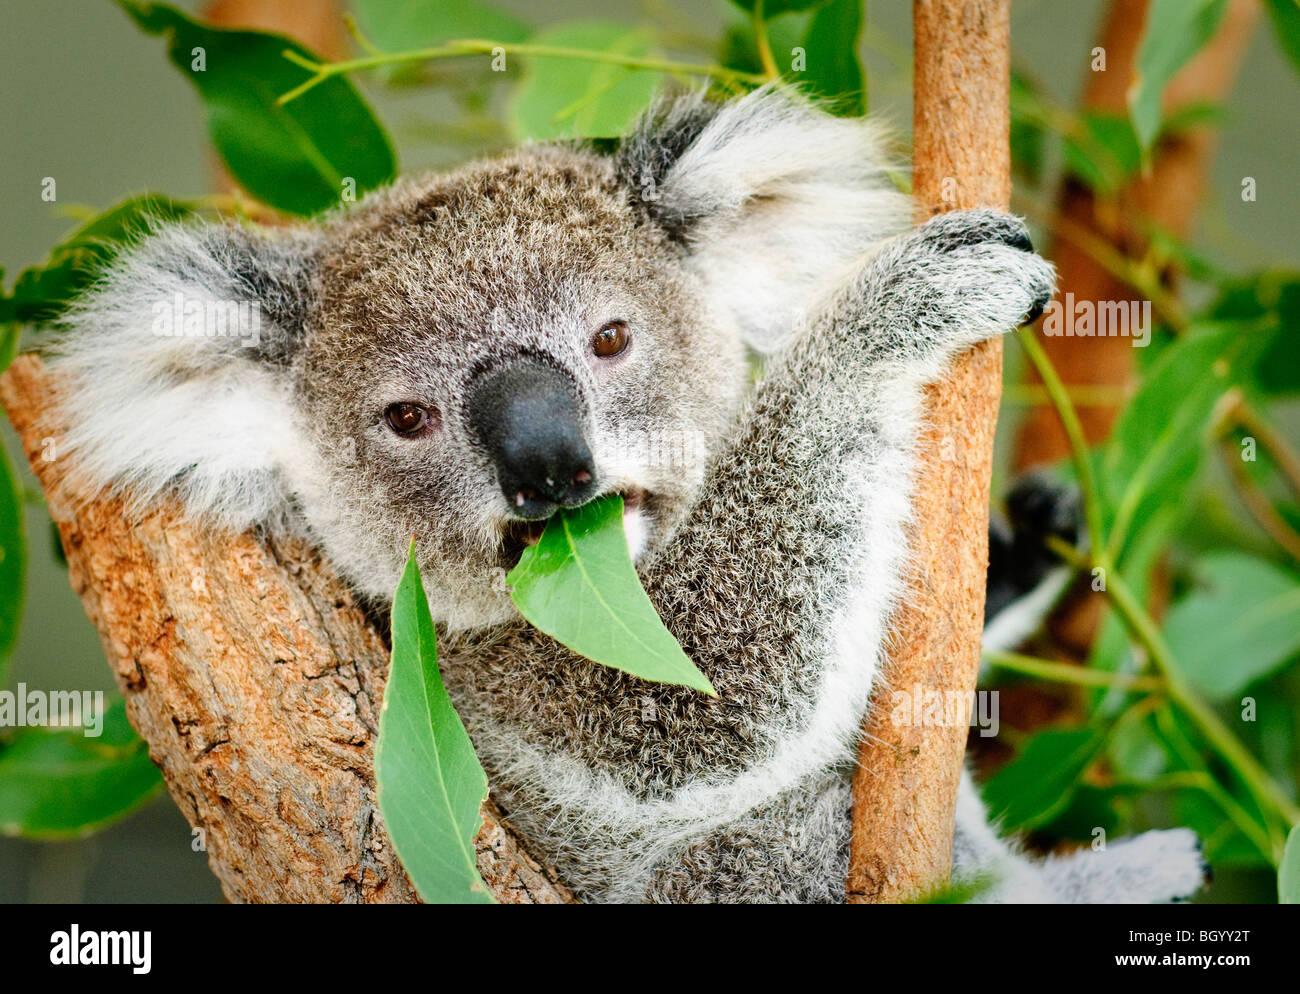 Ein Koala sitzt in einem Baum essen ein Kaugummi Blatt und direkt in die Kamera schaut. Stockbild